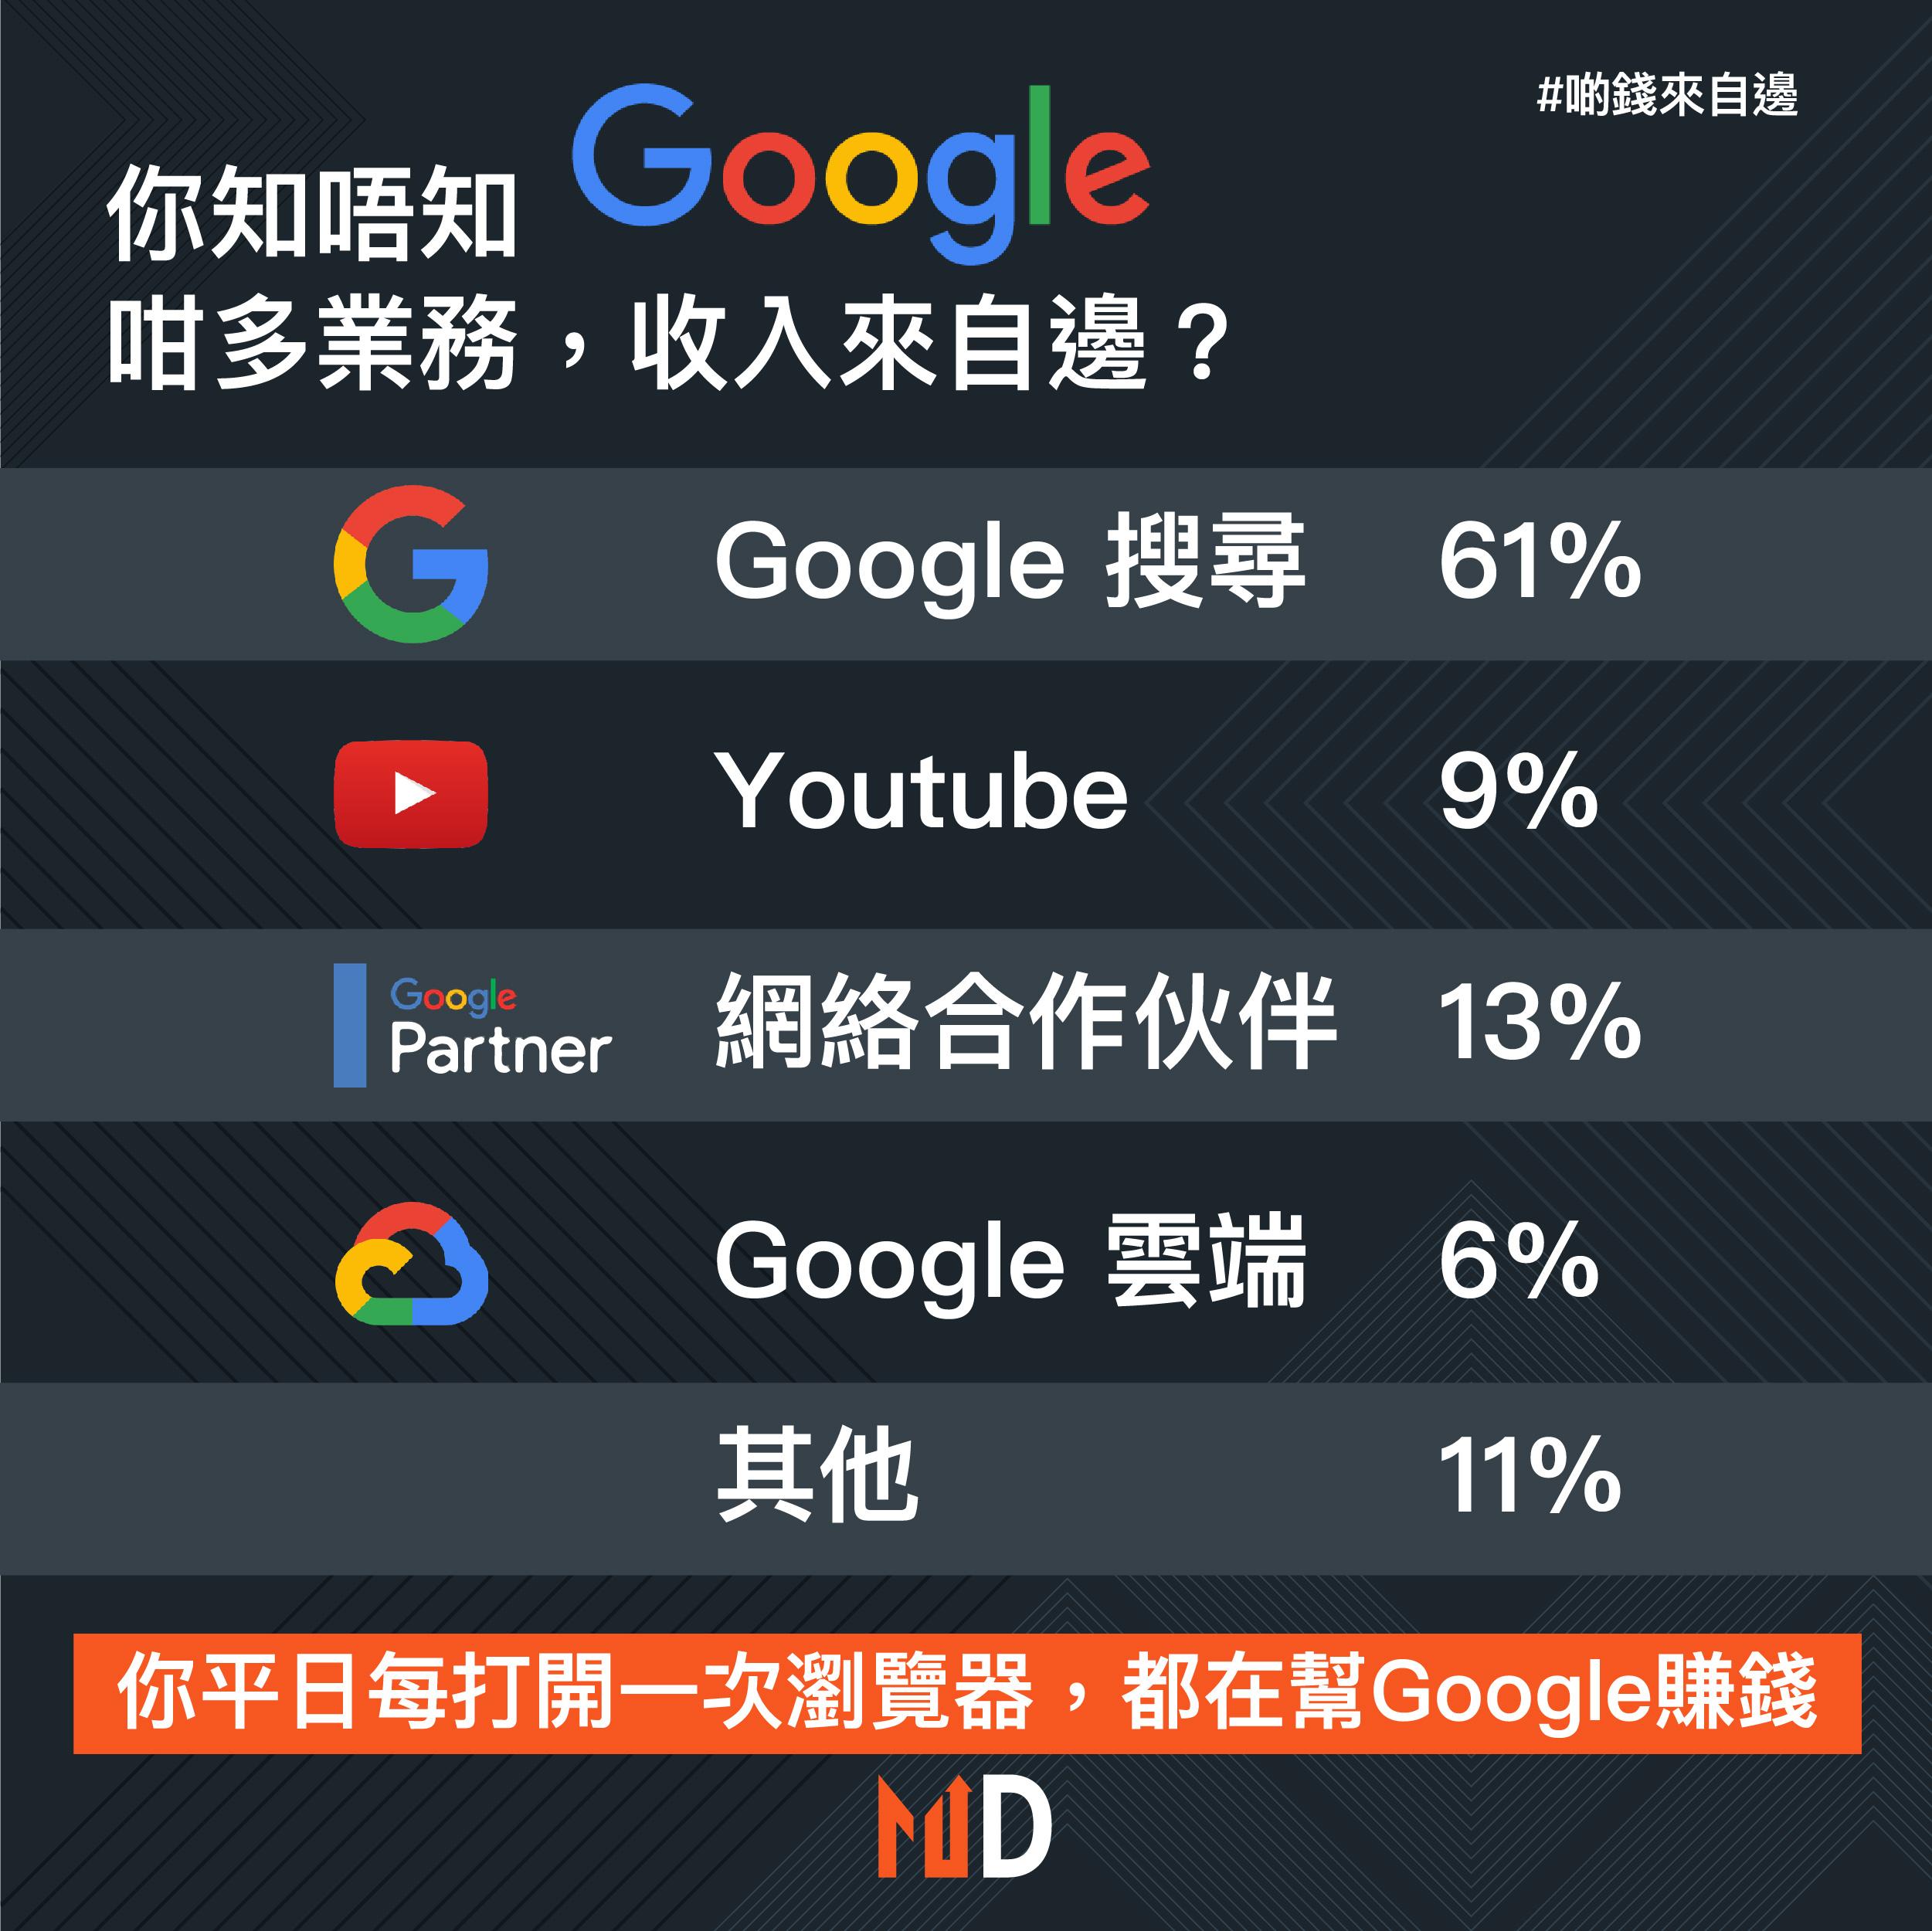 【啲錢來自邊】Google不同業務為公司帶來多少收入?